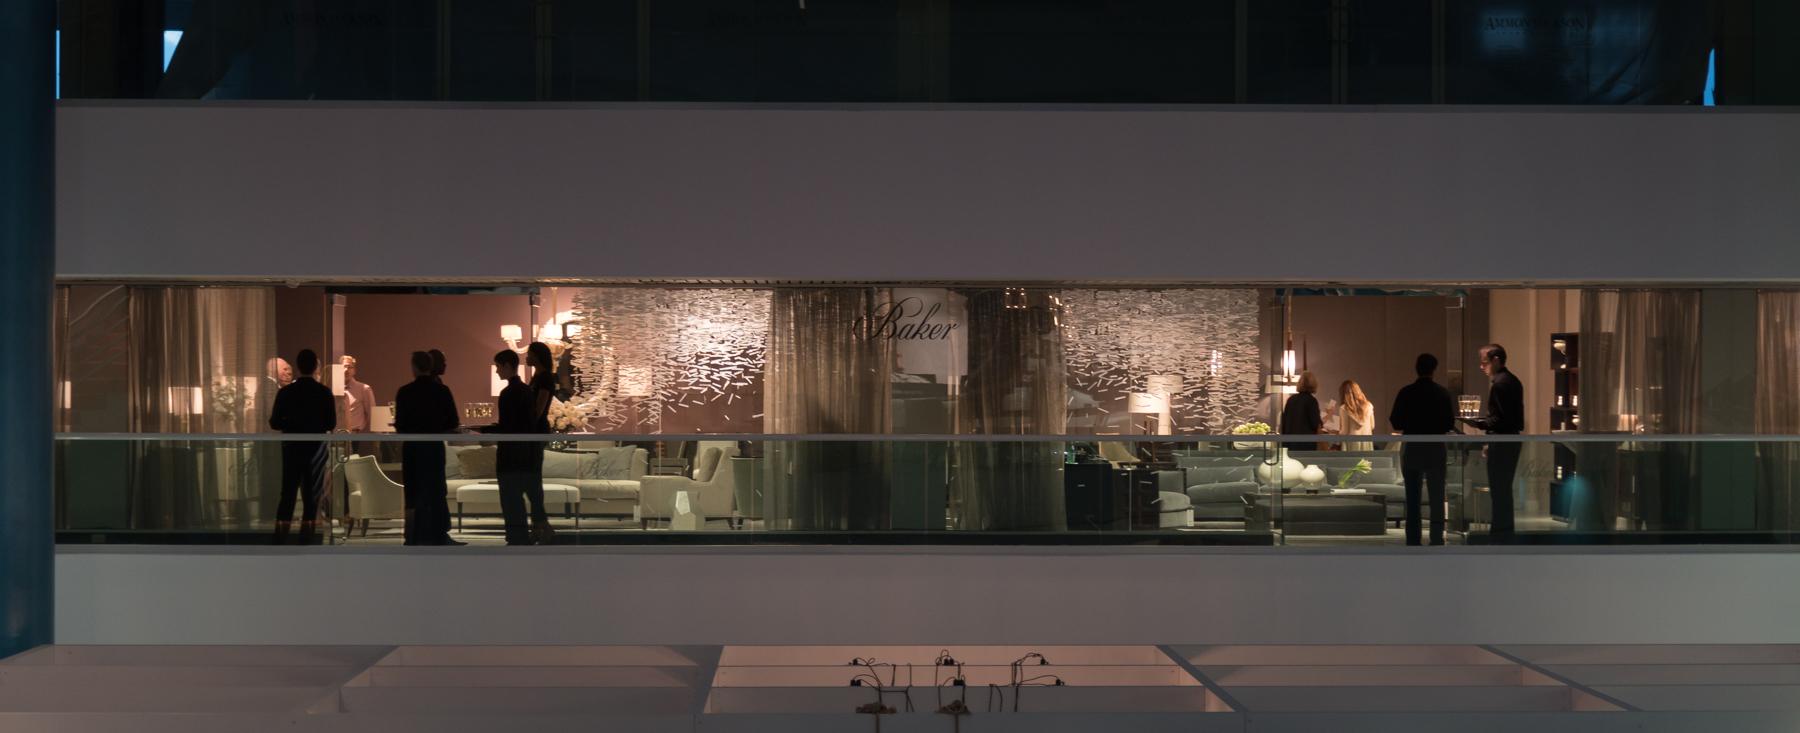 Dania Showroom Debut   Baker Furniture